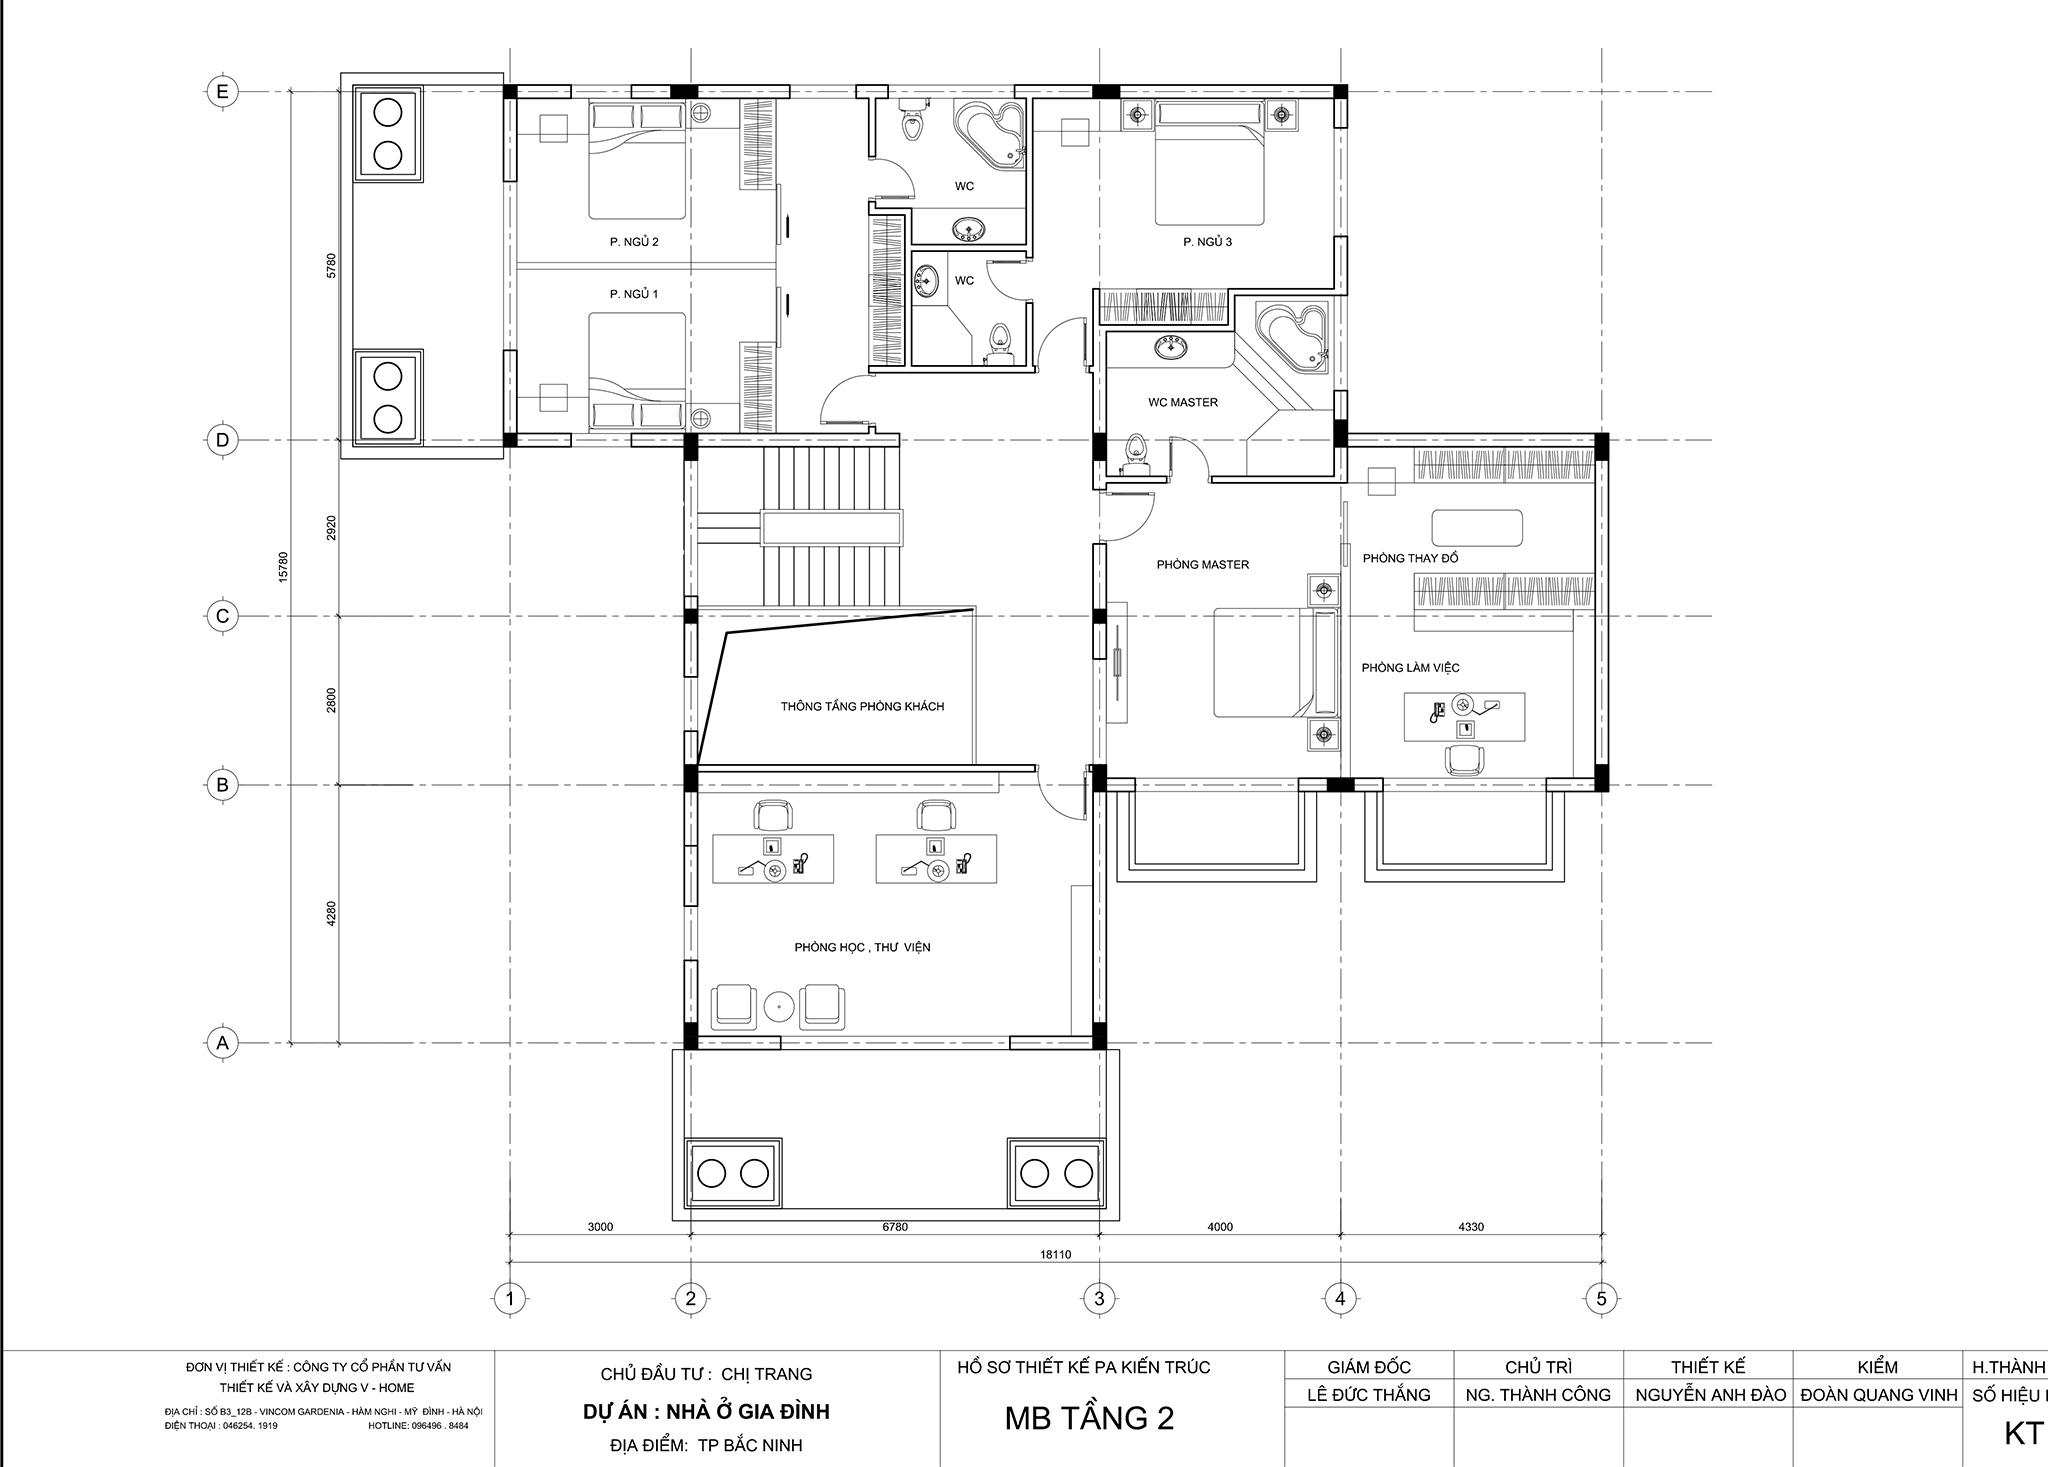 thiet-ke-biet-thu-tran-co-dien-4 Thiết kế Biệt thự tân cổ điển tại Bắc Ninh - C. Trang